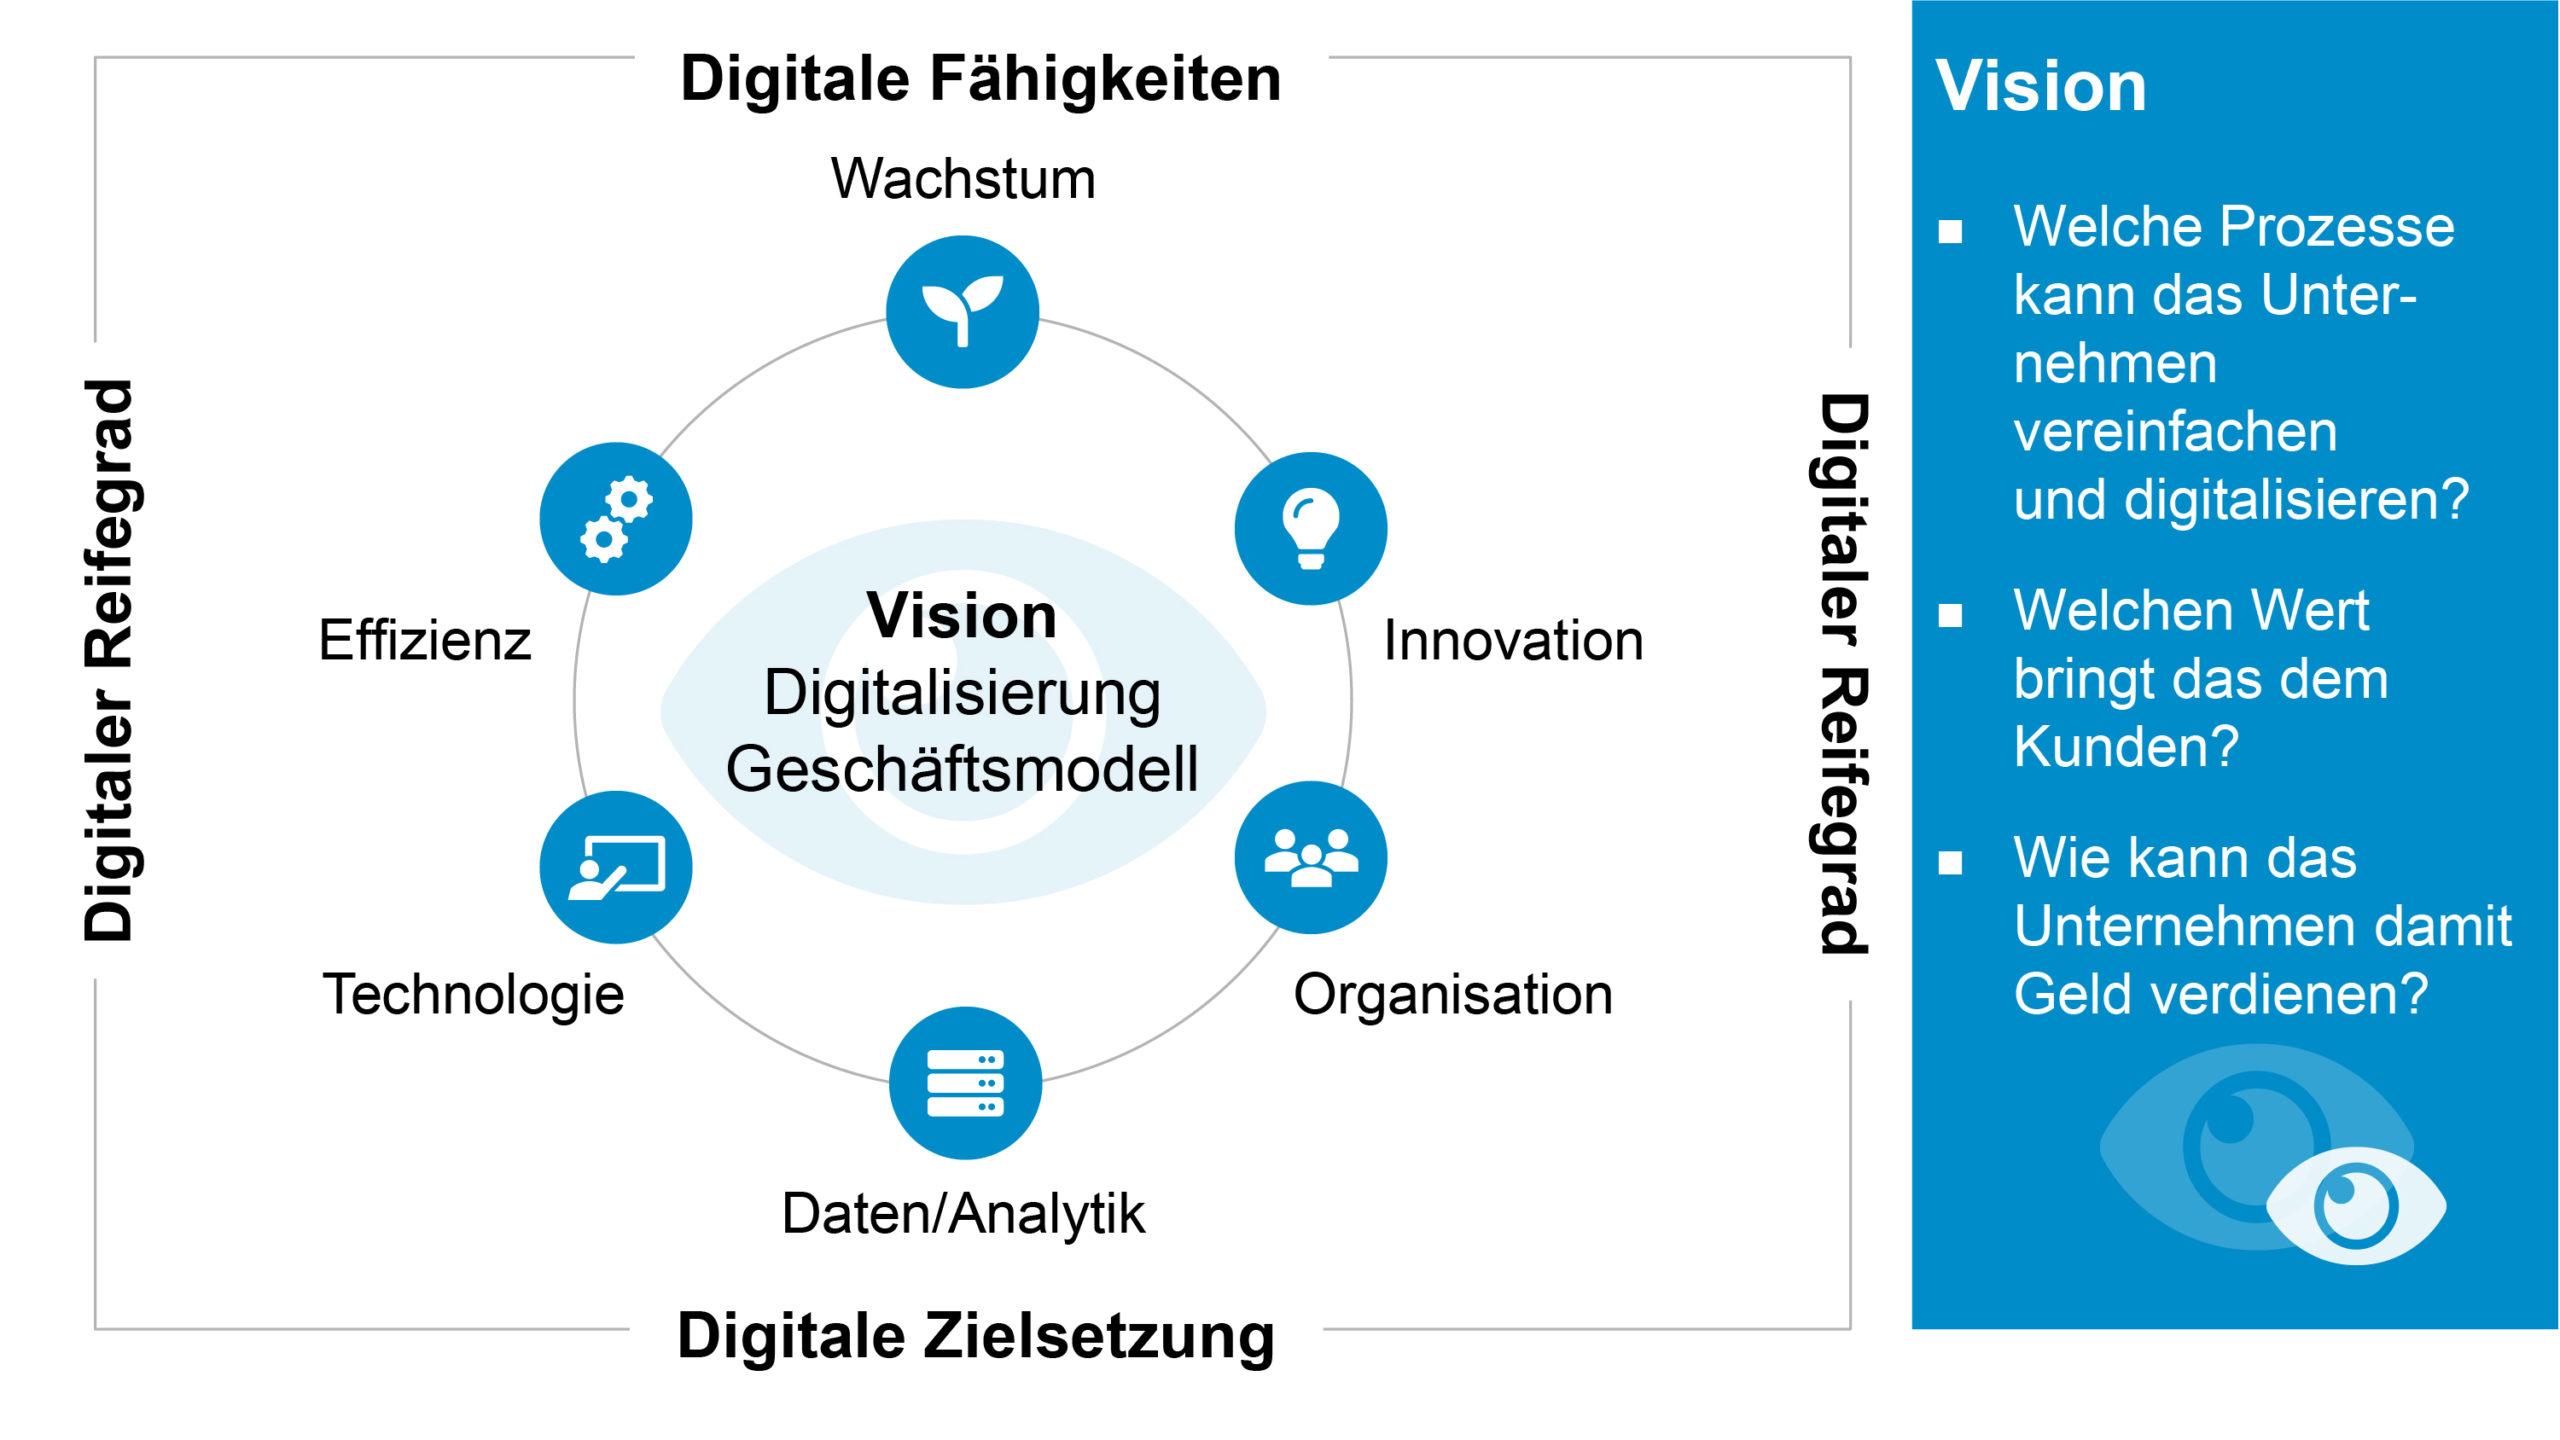 Digitalisierung Geschäftsmodell